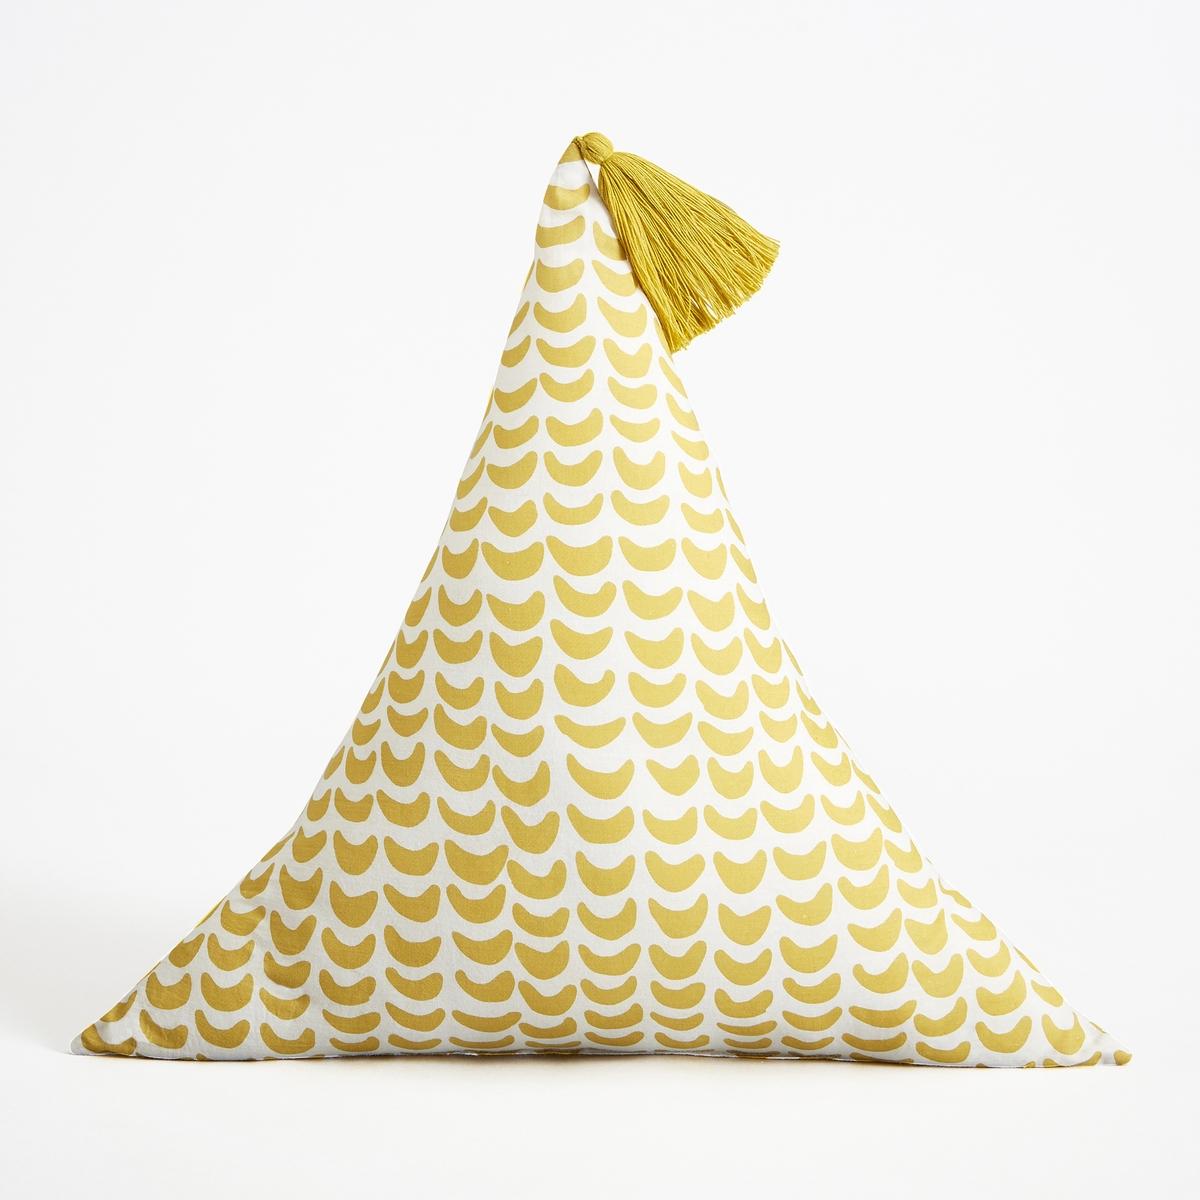 Подушка треугольная, OlayaХарактеристики: - Покрытие из 100% хлопковой вуали с рисунком- Наполнитель 100% полиэстер- Машинная стирка при 40 °C.Размеры  :- Ш.40 x В.40 x Г.40 см<br><br>Цвет: желтый,зеленый,розовый